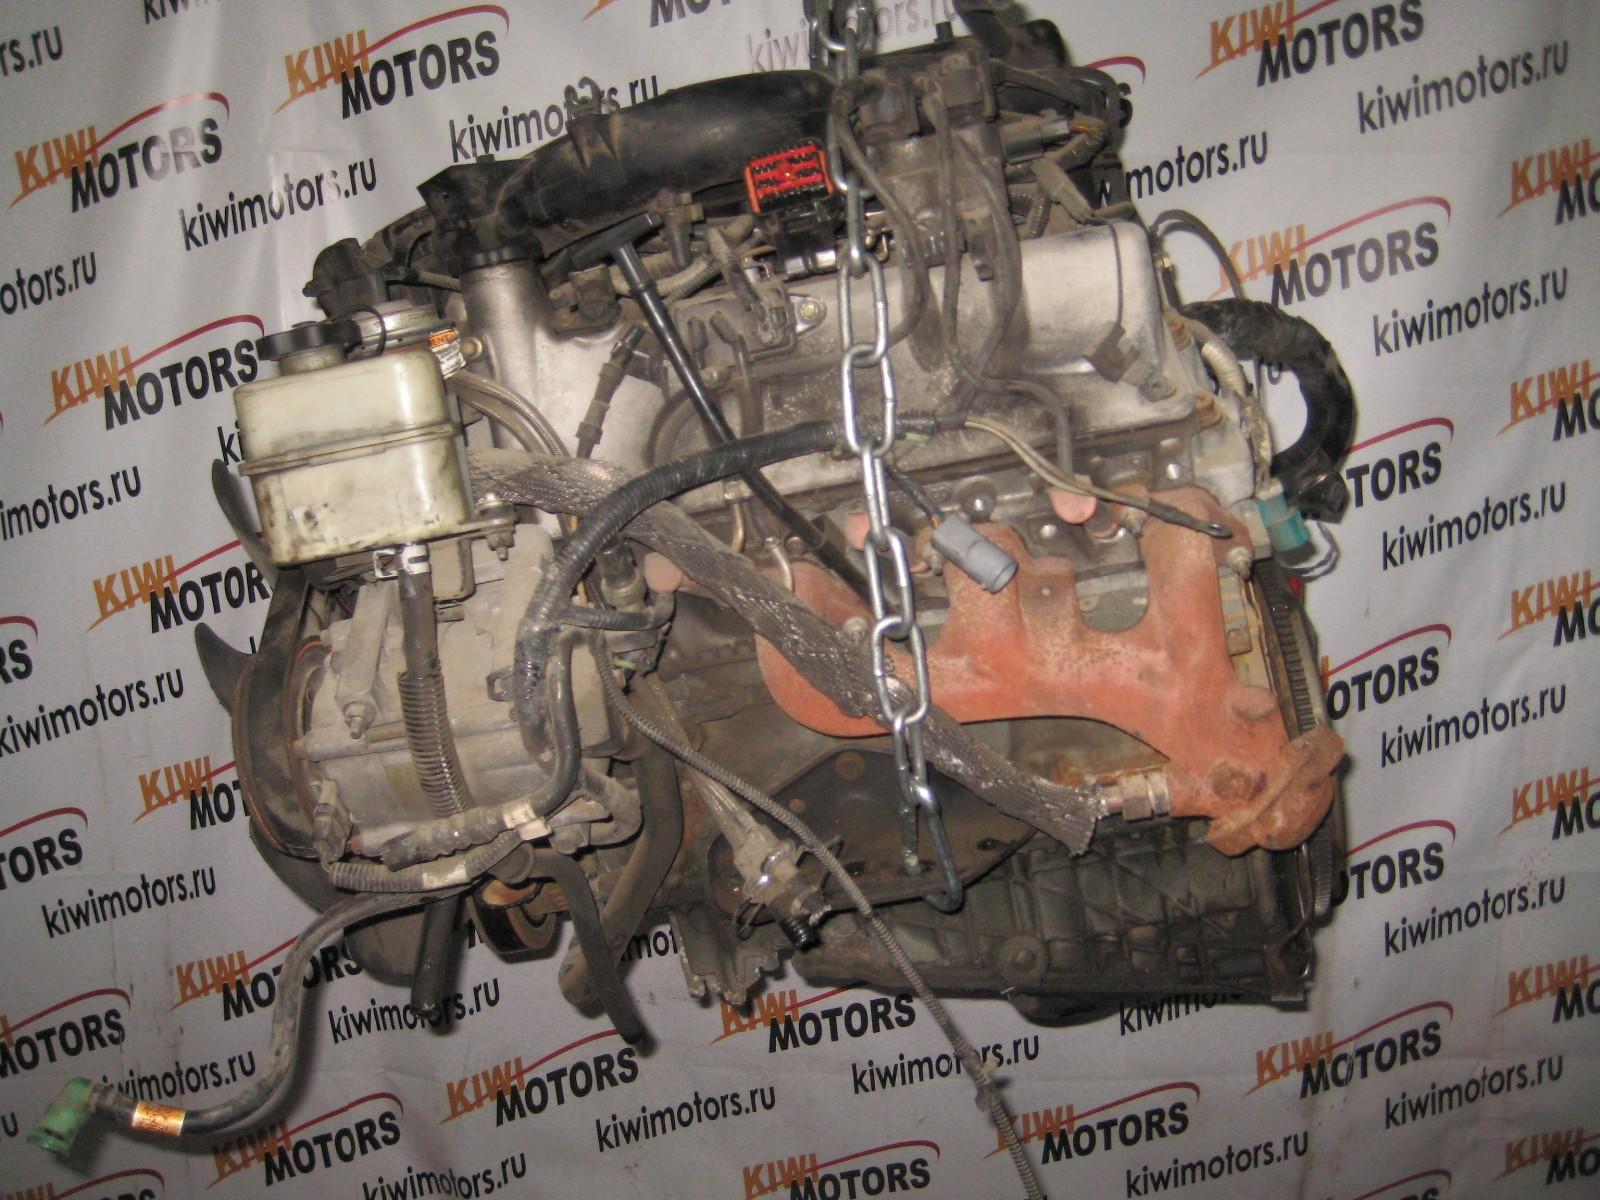 двигатель форд эксплорер 4.0 Двигатель Explorer Форд Эксплорер 4 0 I купить по цене руб Of двигатель форд эксплорер 4.0